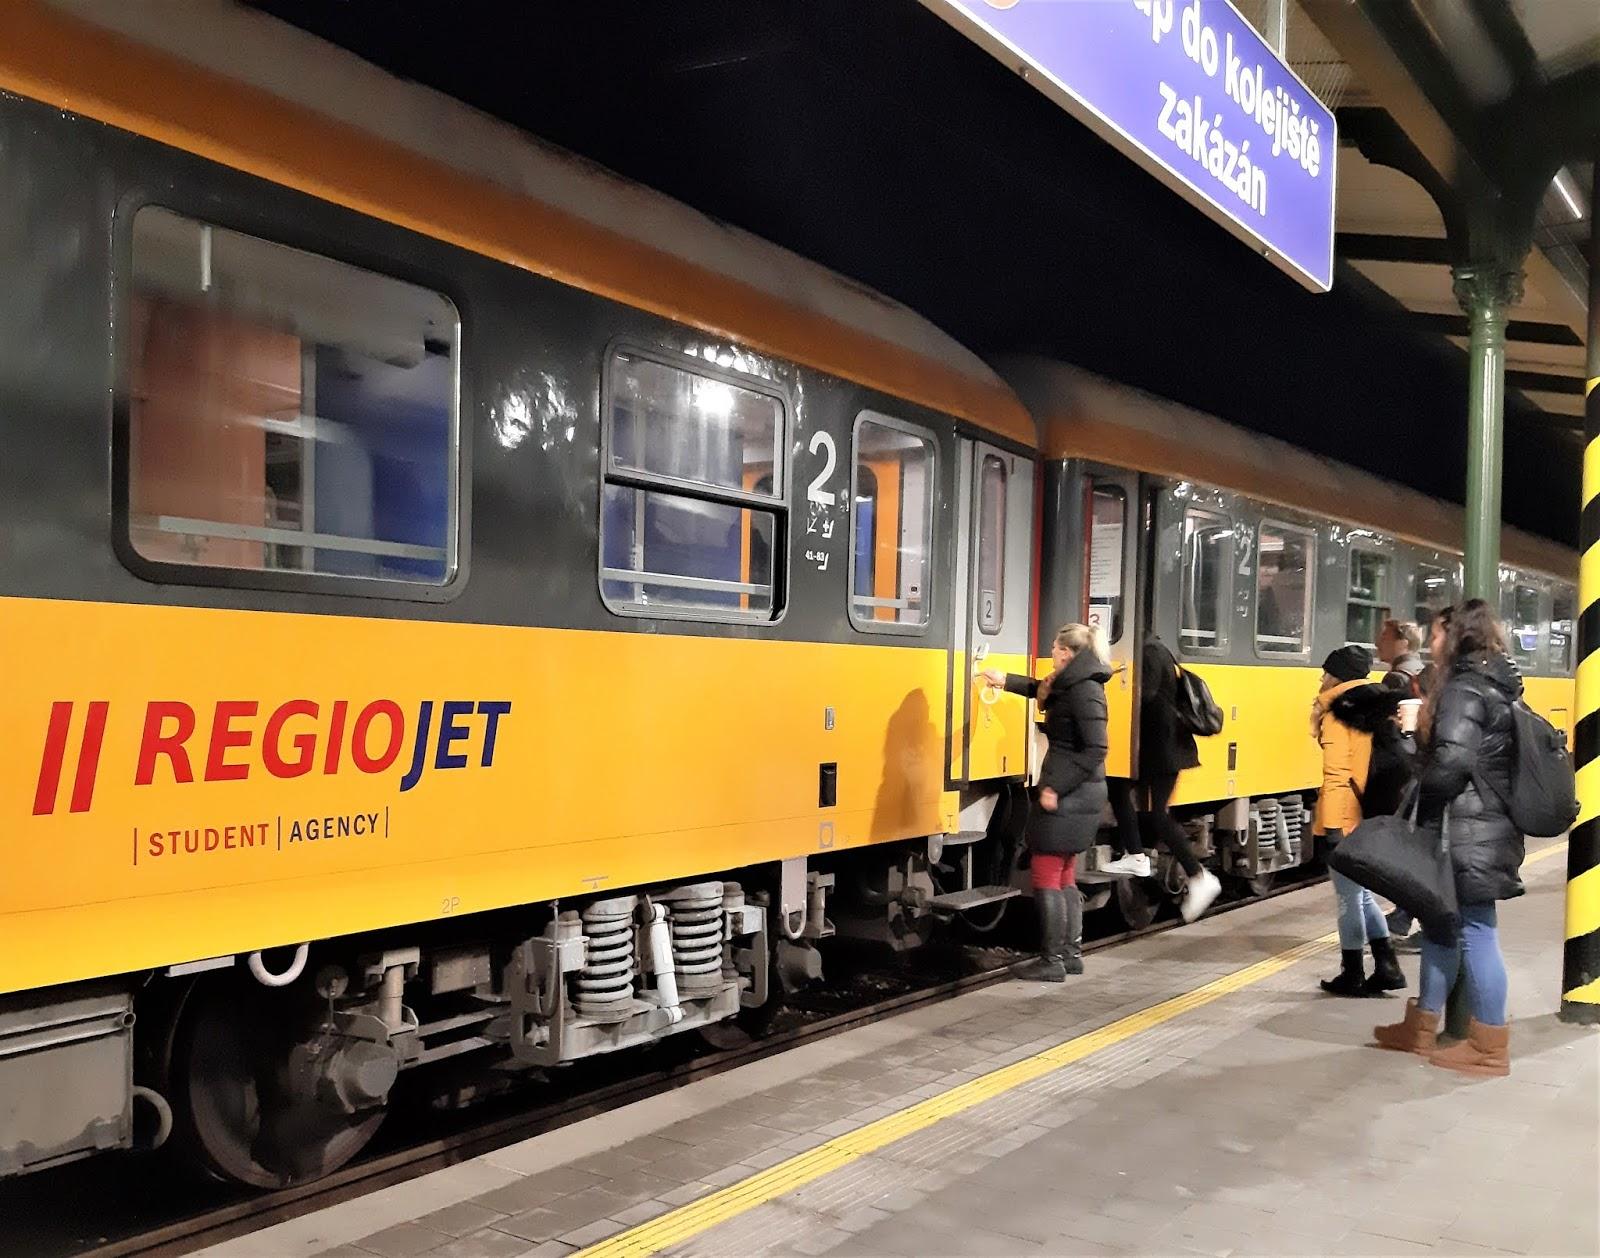 RegioJet směrem do Bohumína z Brna. Autor: Michaela Jagusztynová